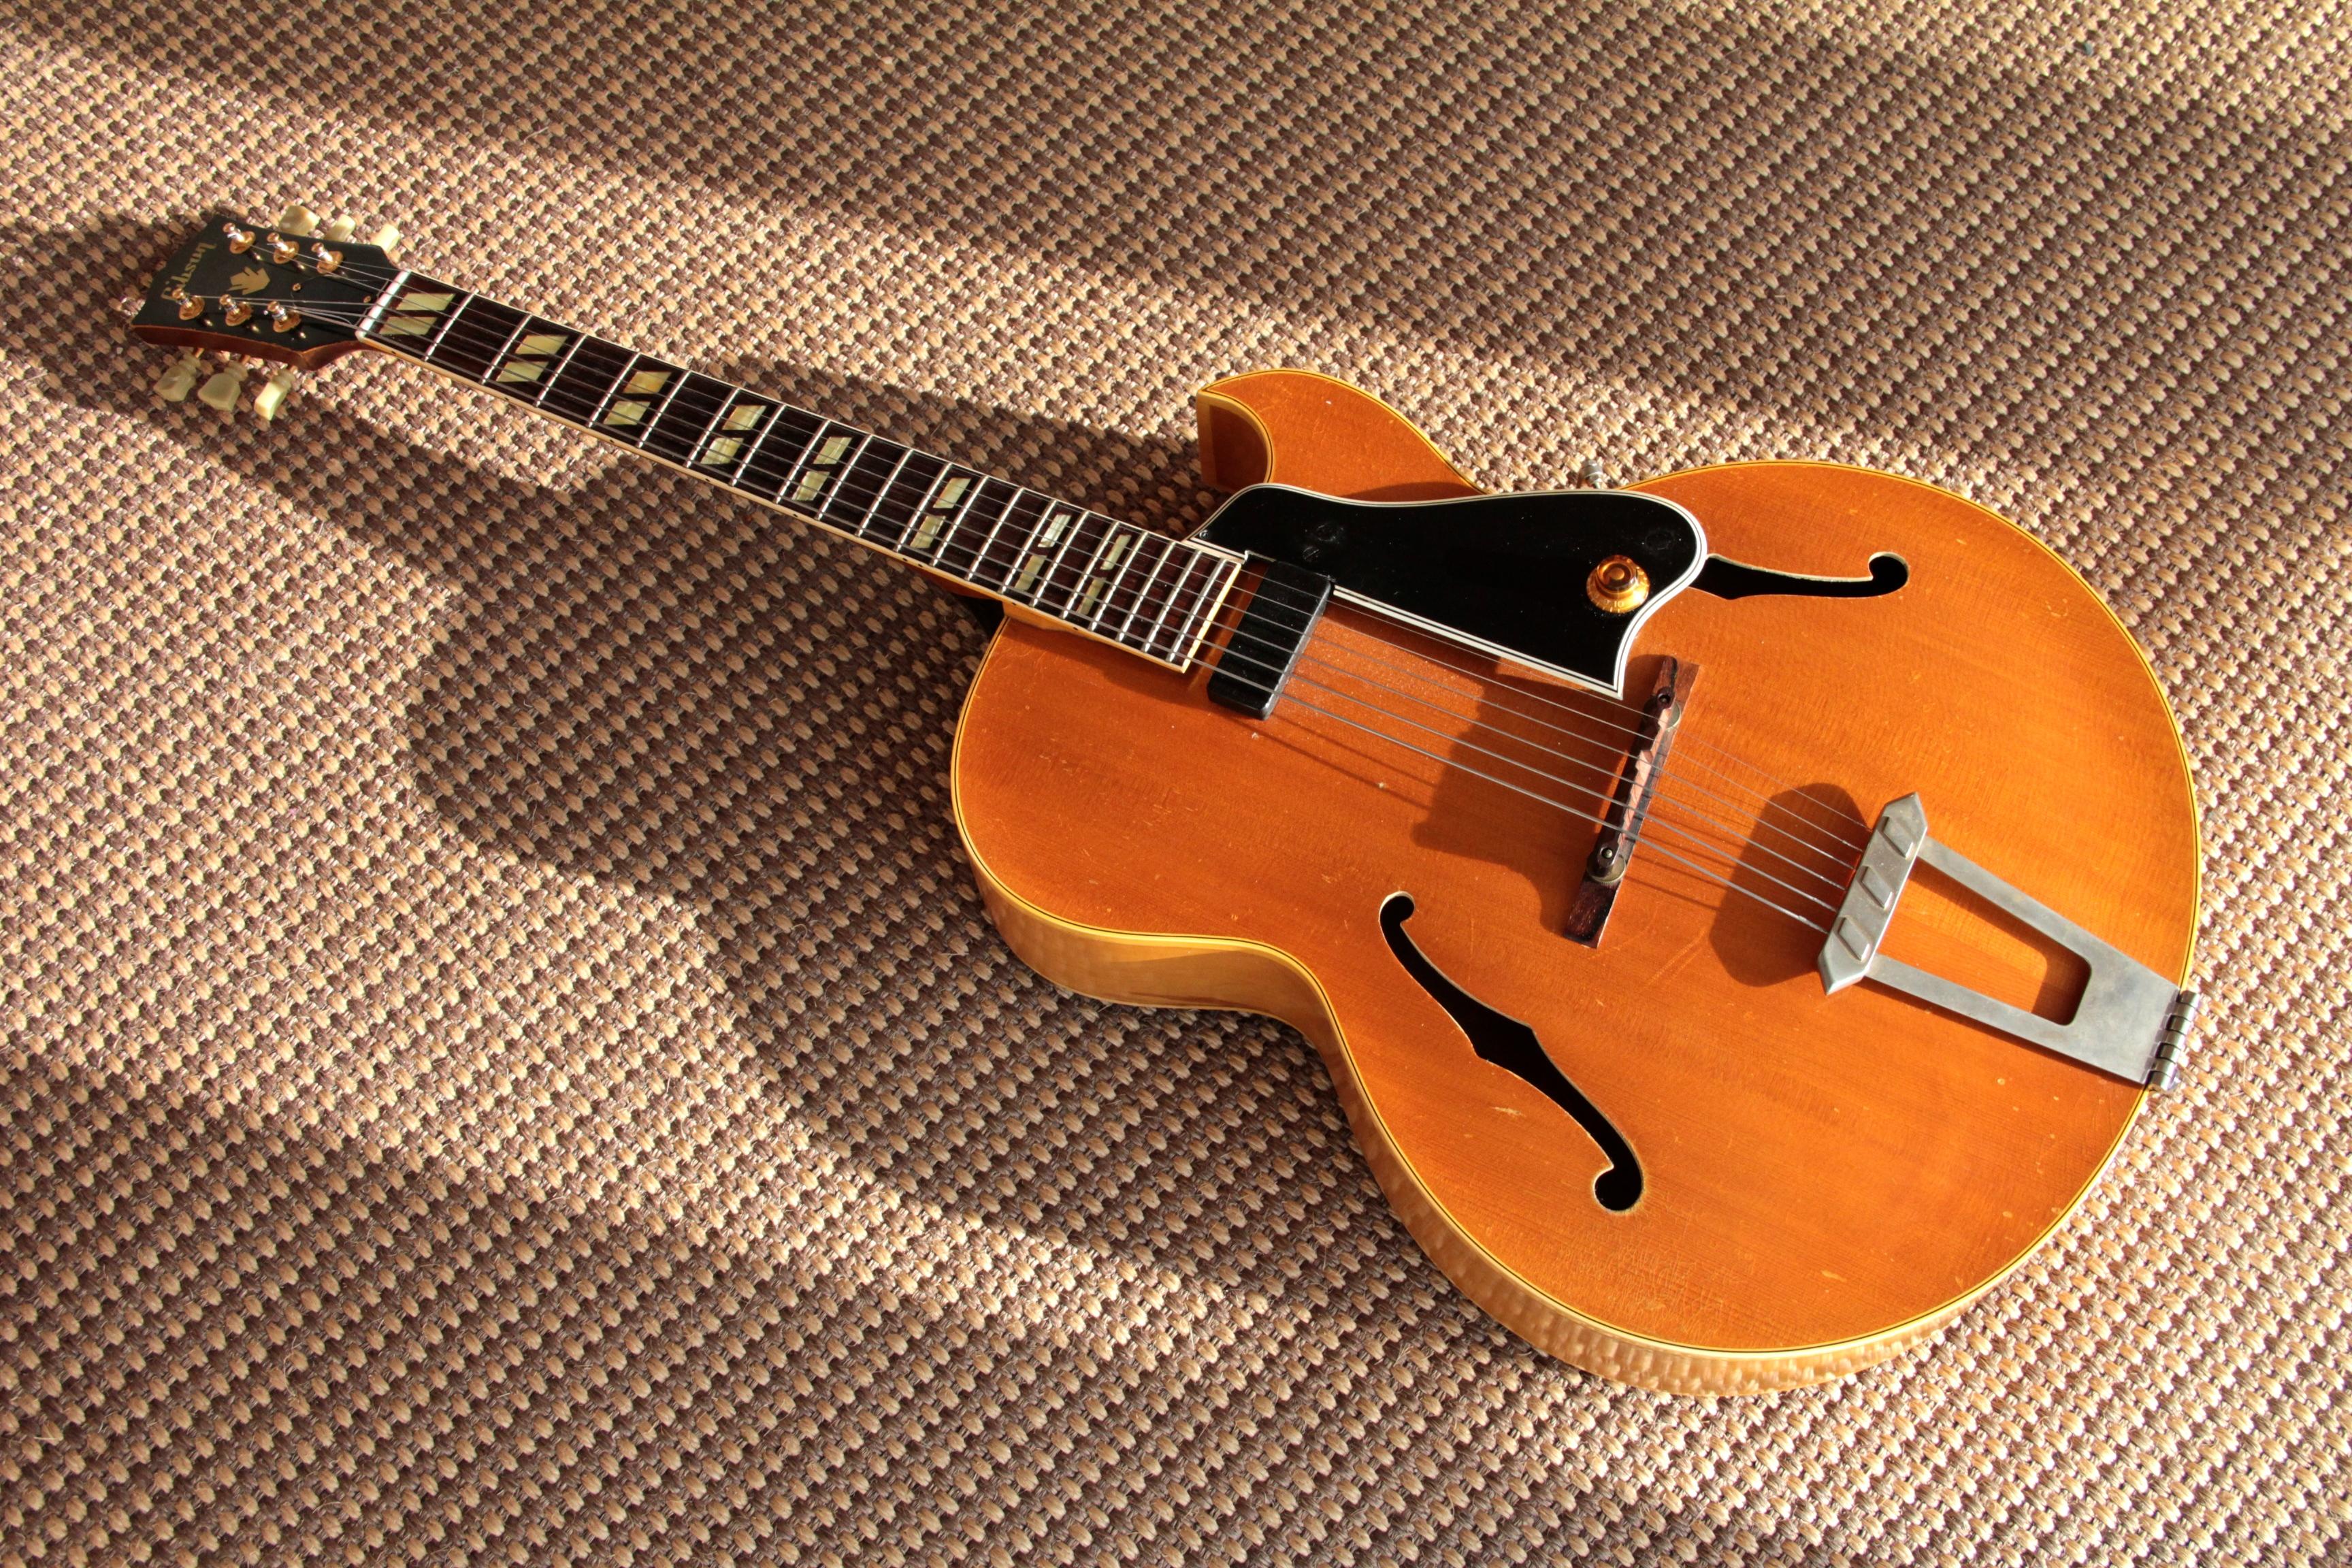 gibson l4 1958 guitar. Black Bedroom Furniture Sets. Home Design Ideas